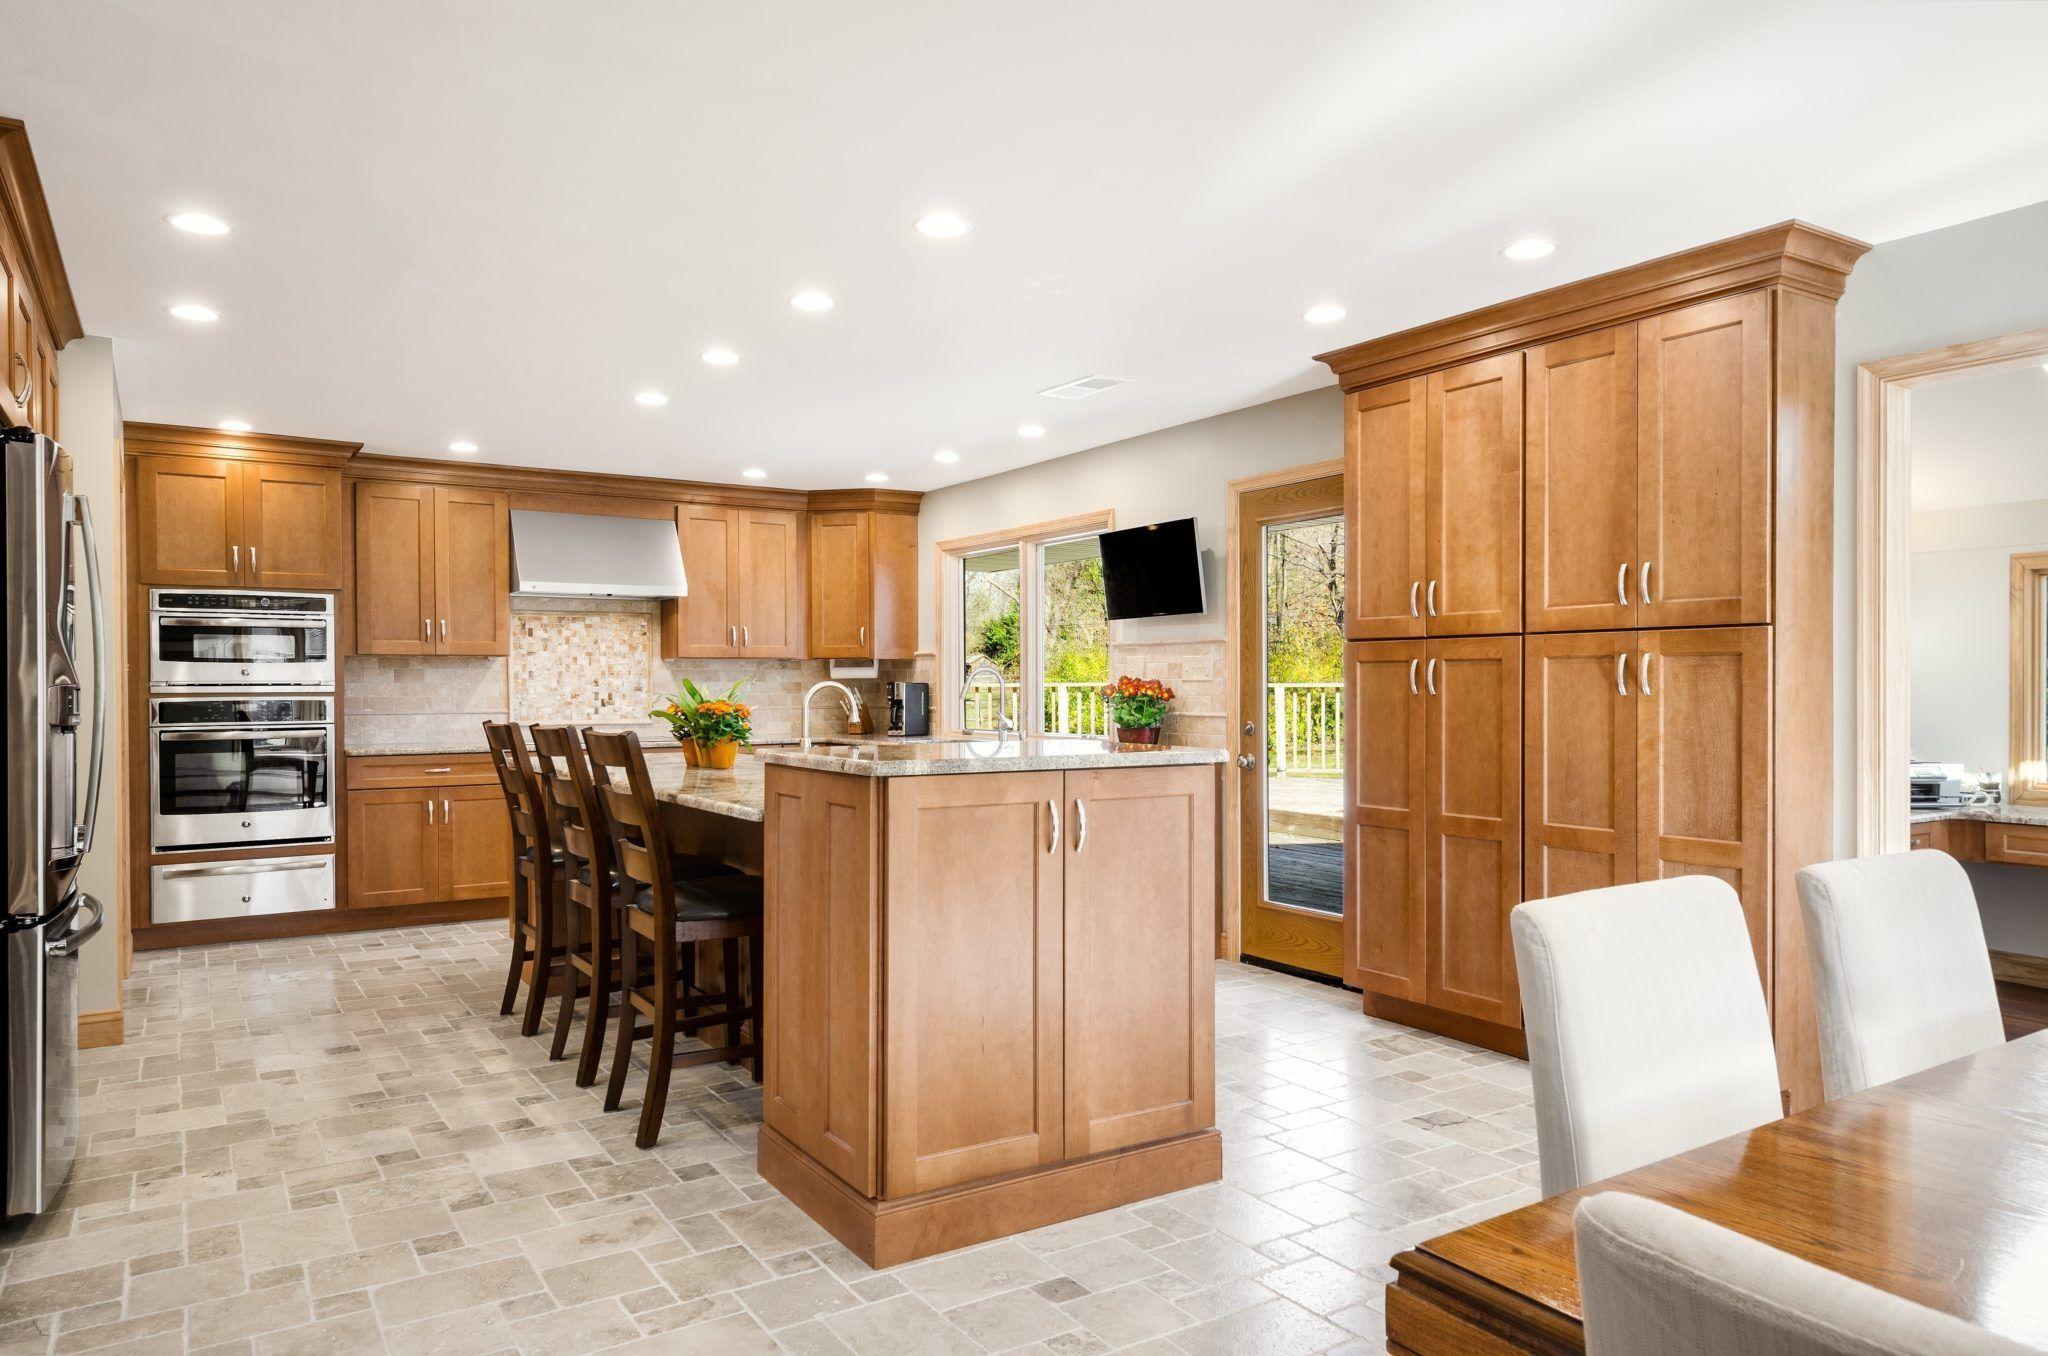 Bewwyn, PA Kitchen Design Kitchen prices, Maple